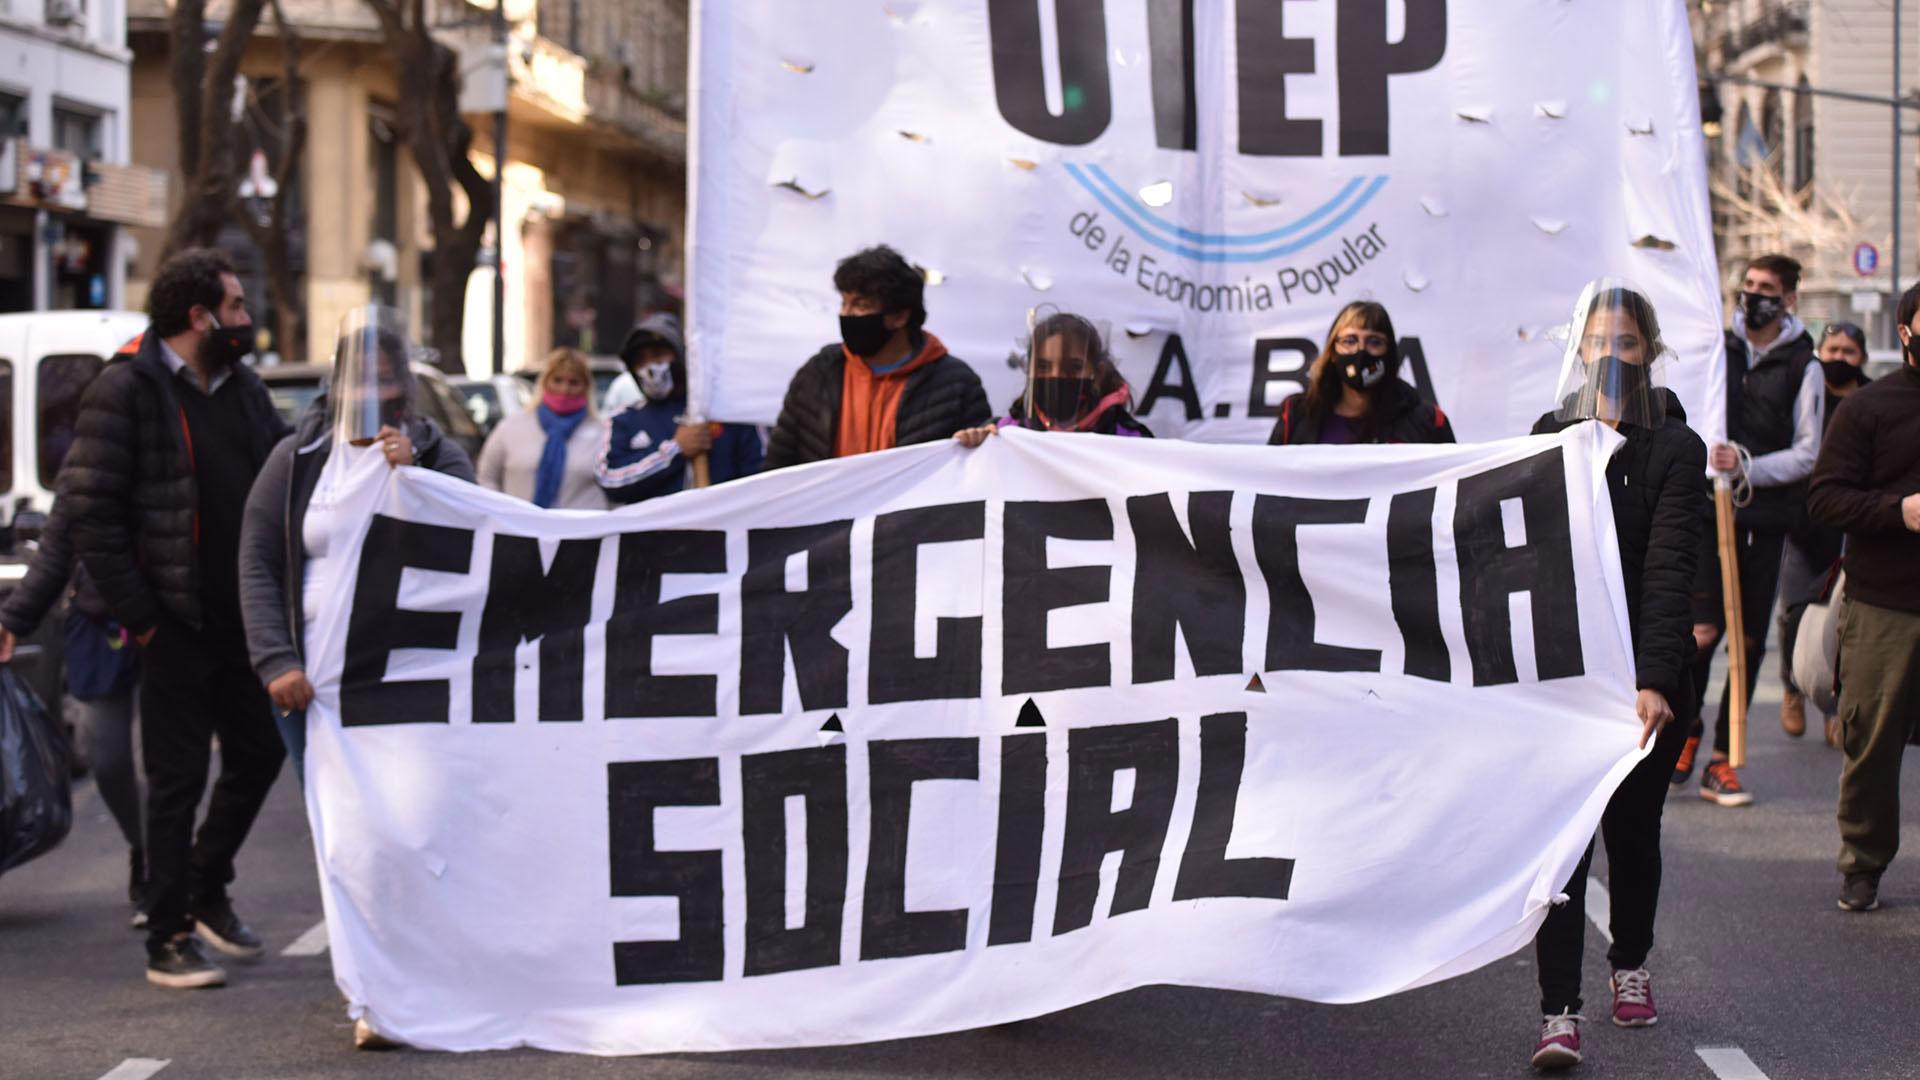 La emergencia social fue la bandera que llevaron adelante durante el reclamo